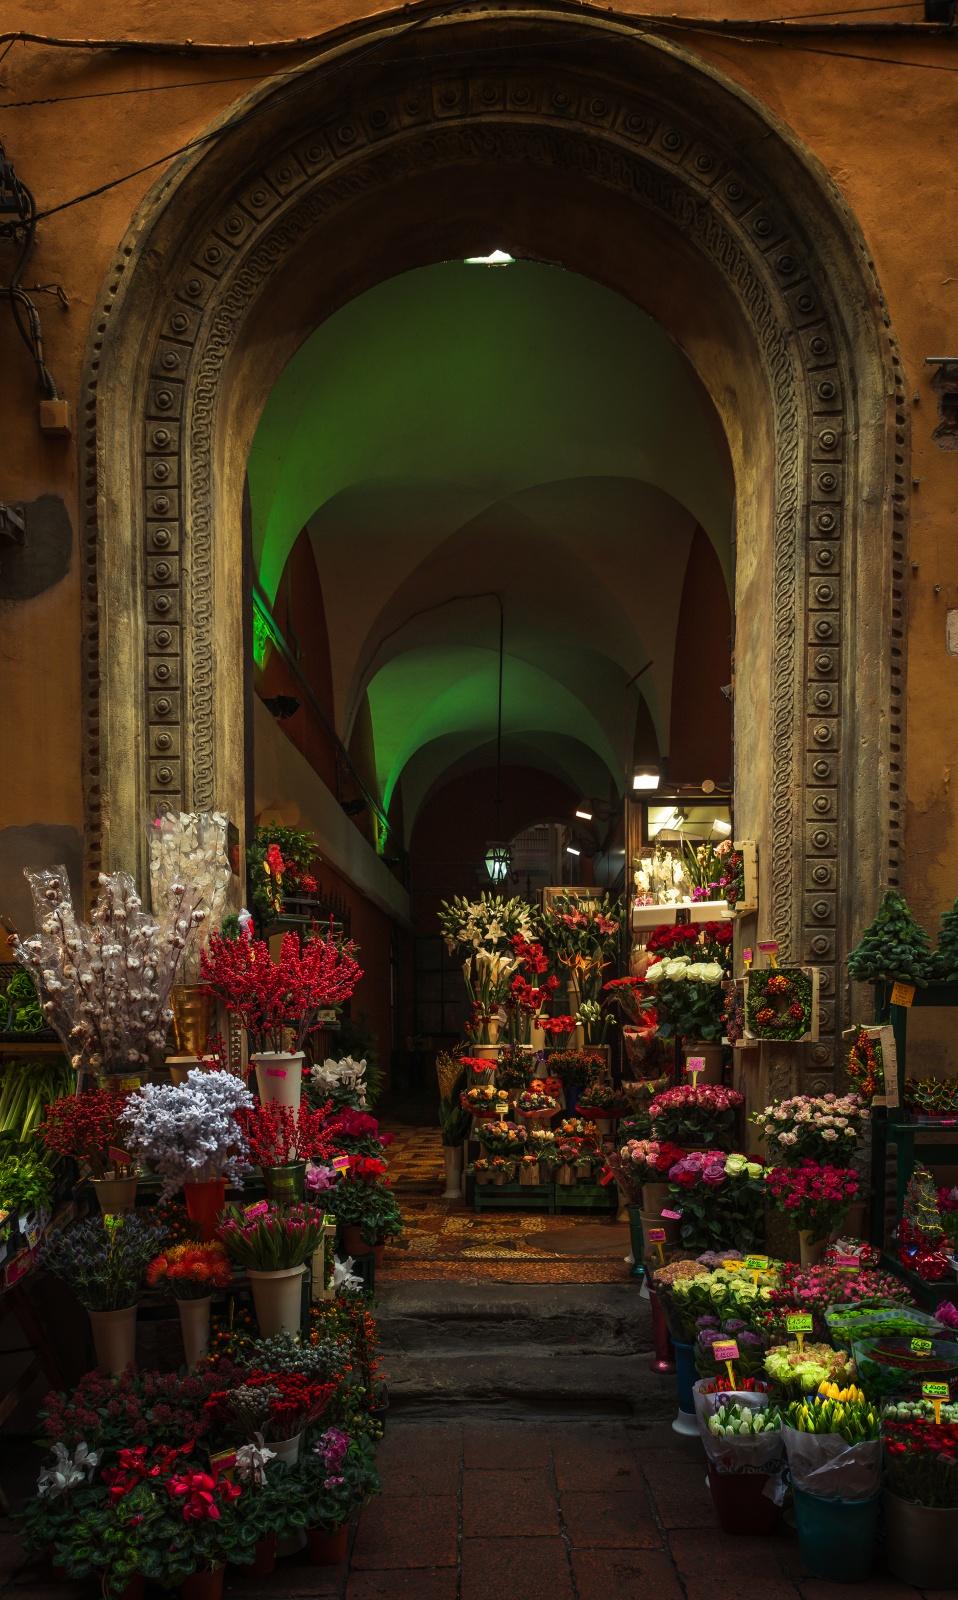 Negozio di piante e fiori a Bologna